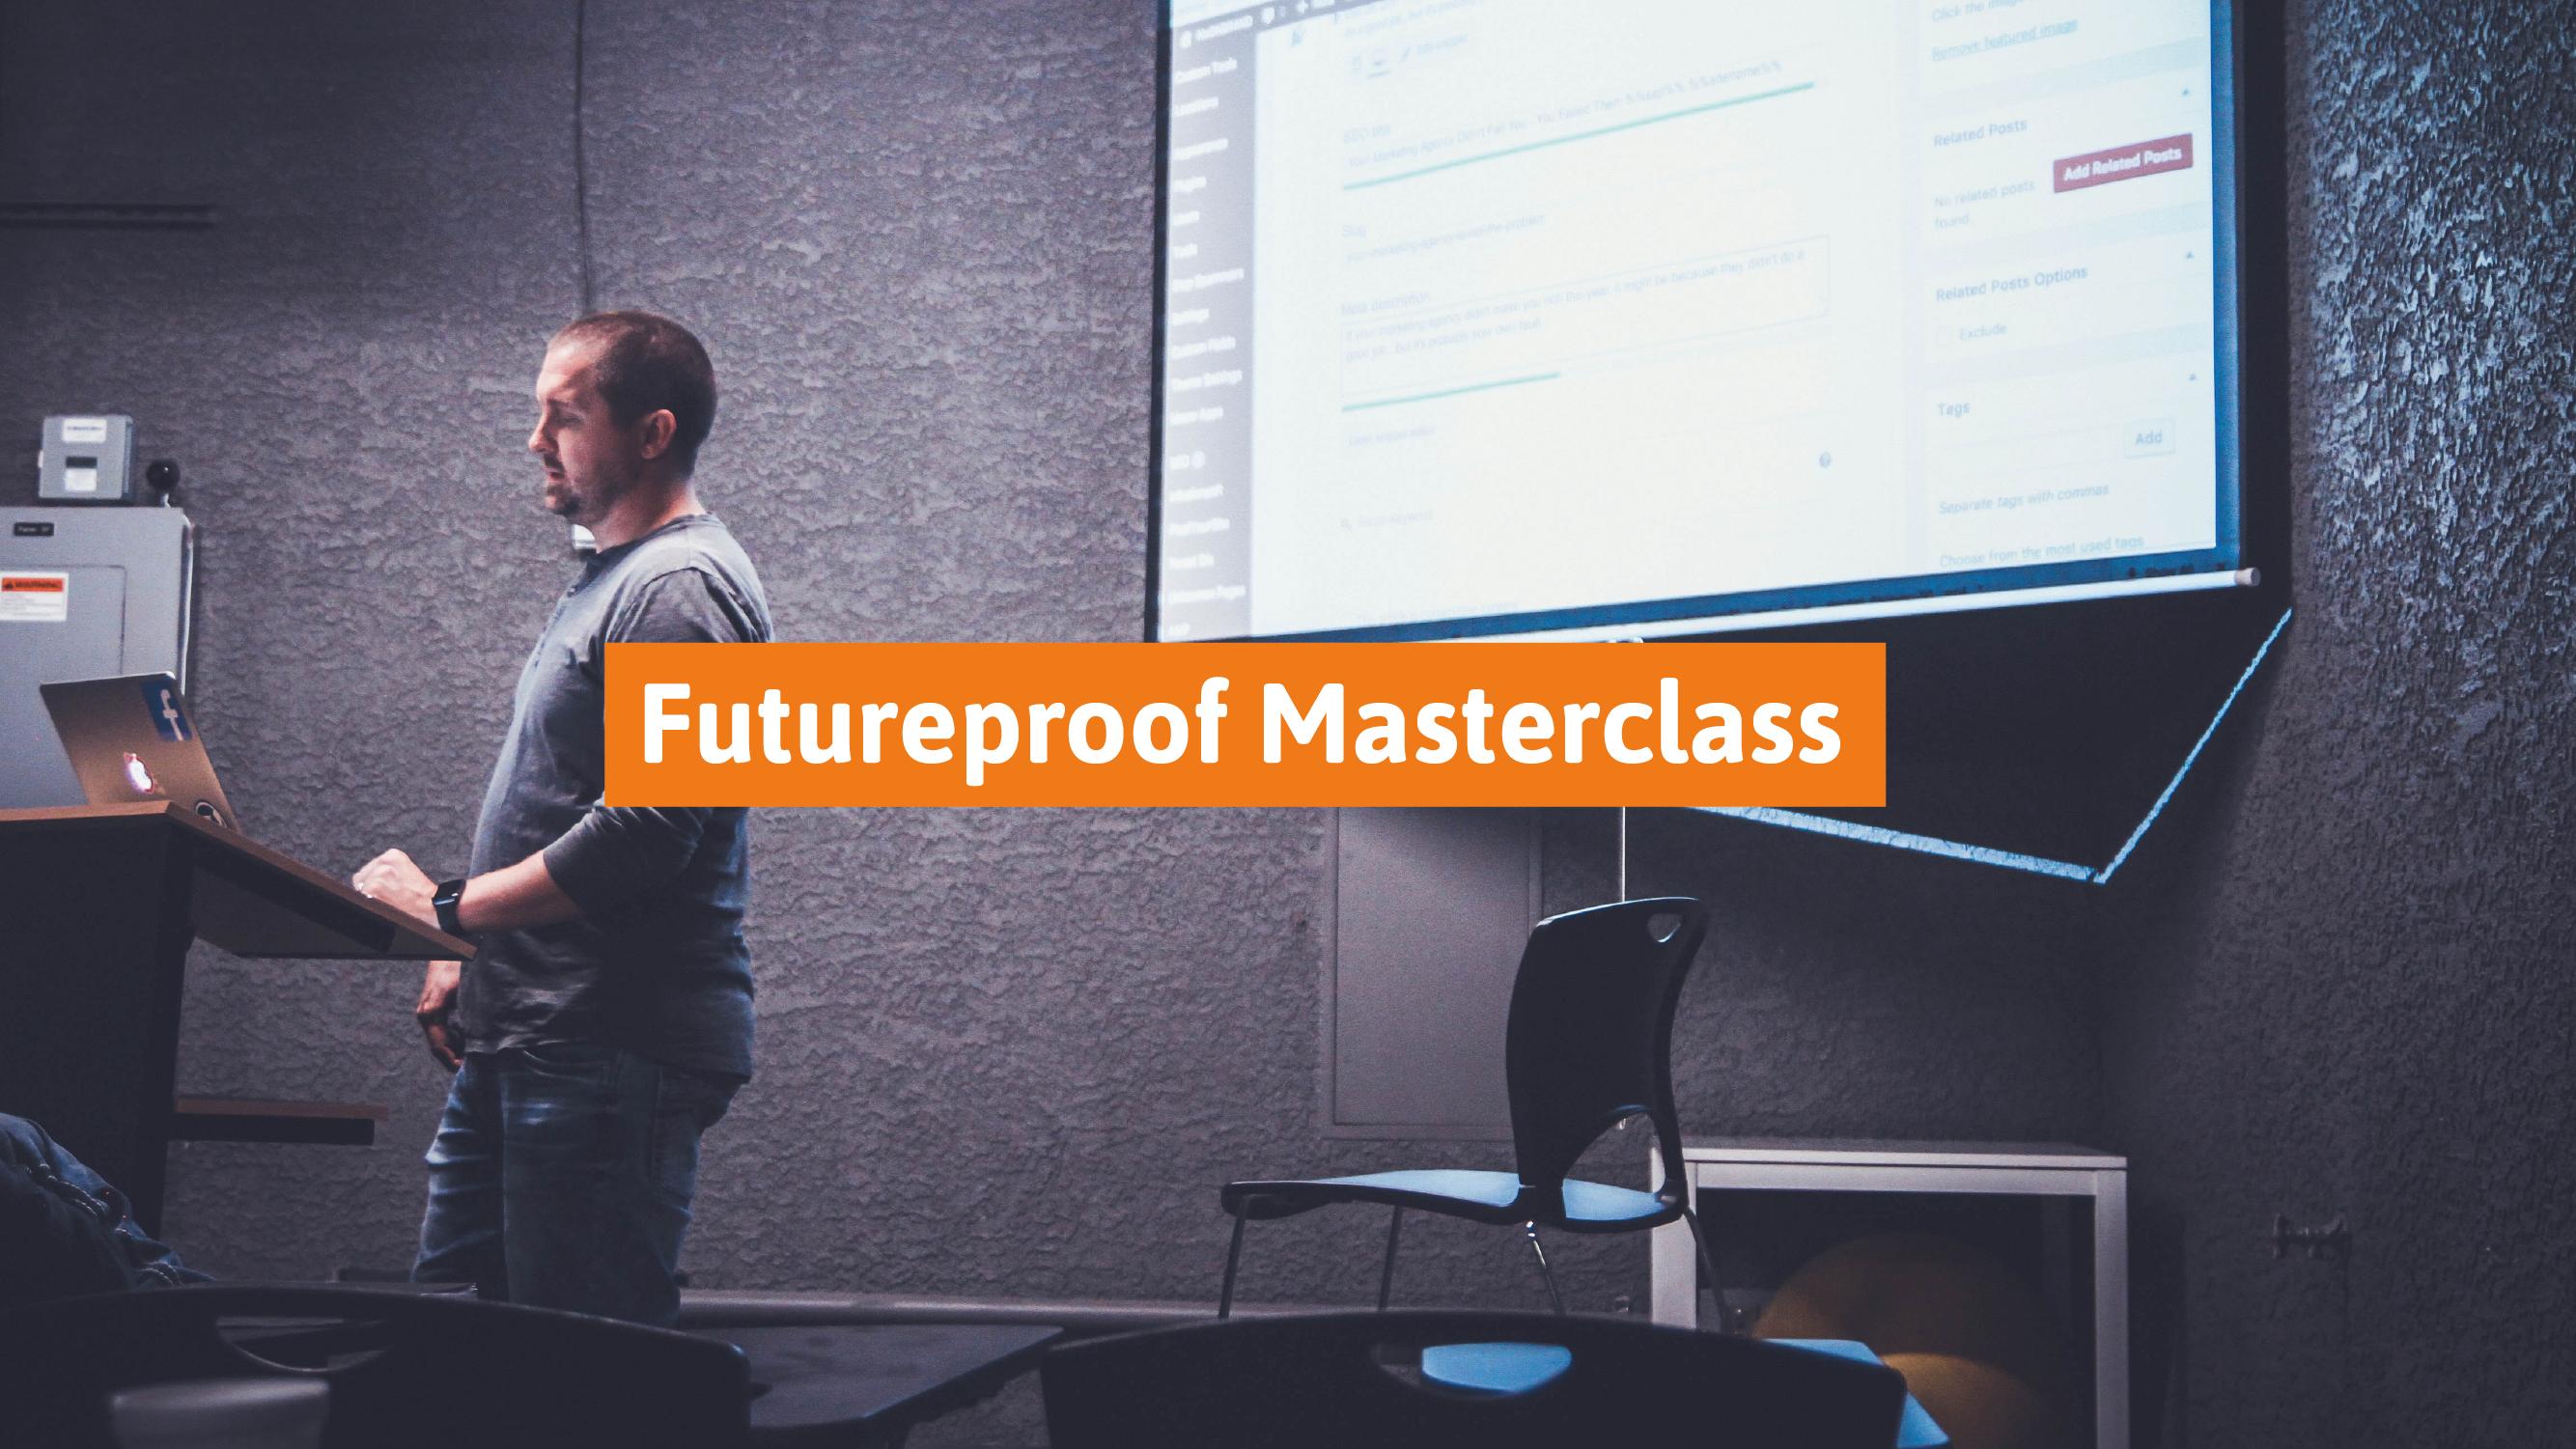 Futureproof Masterclass Holland Contech Proptech